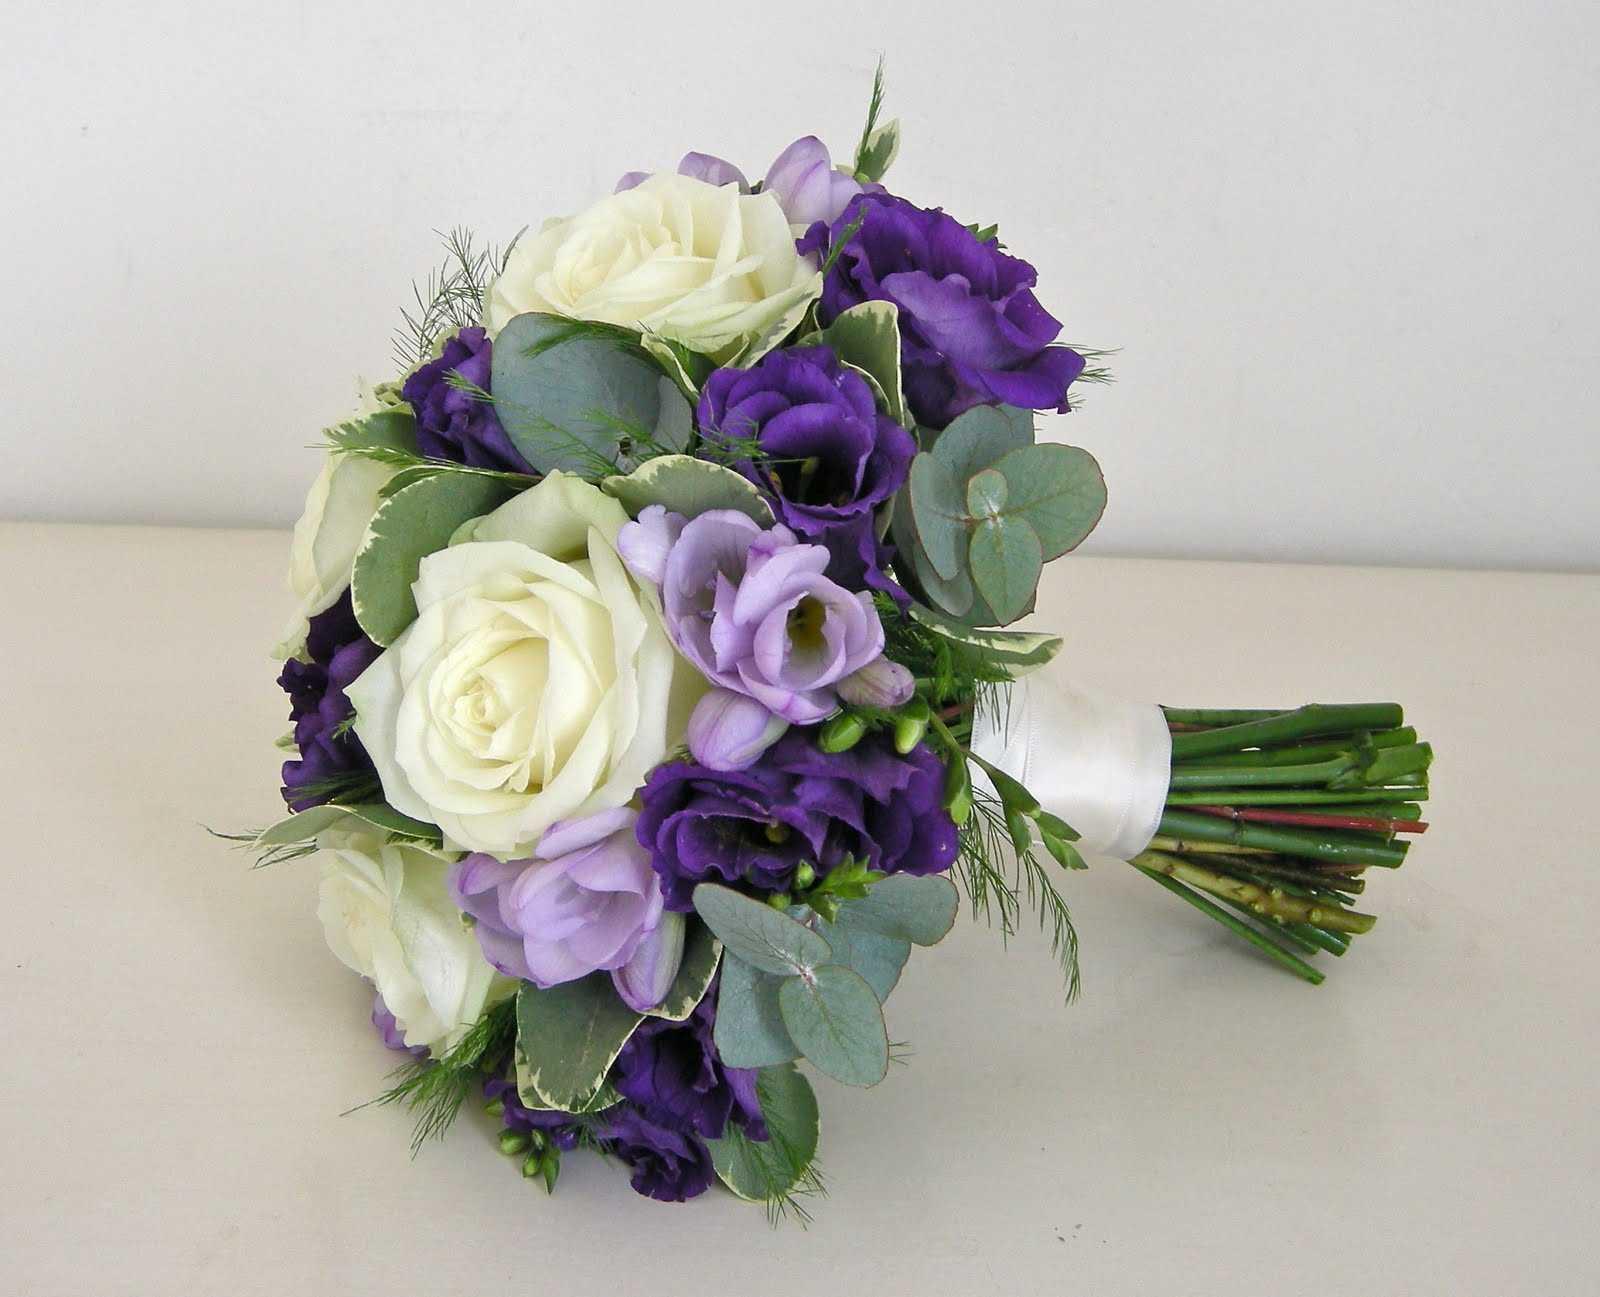 Hồng violet tím biểu trưng của tình yêu chung thủy chân thành